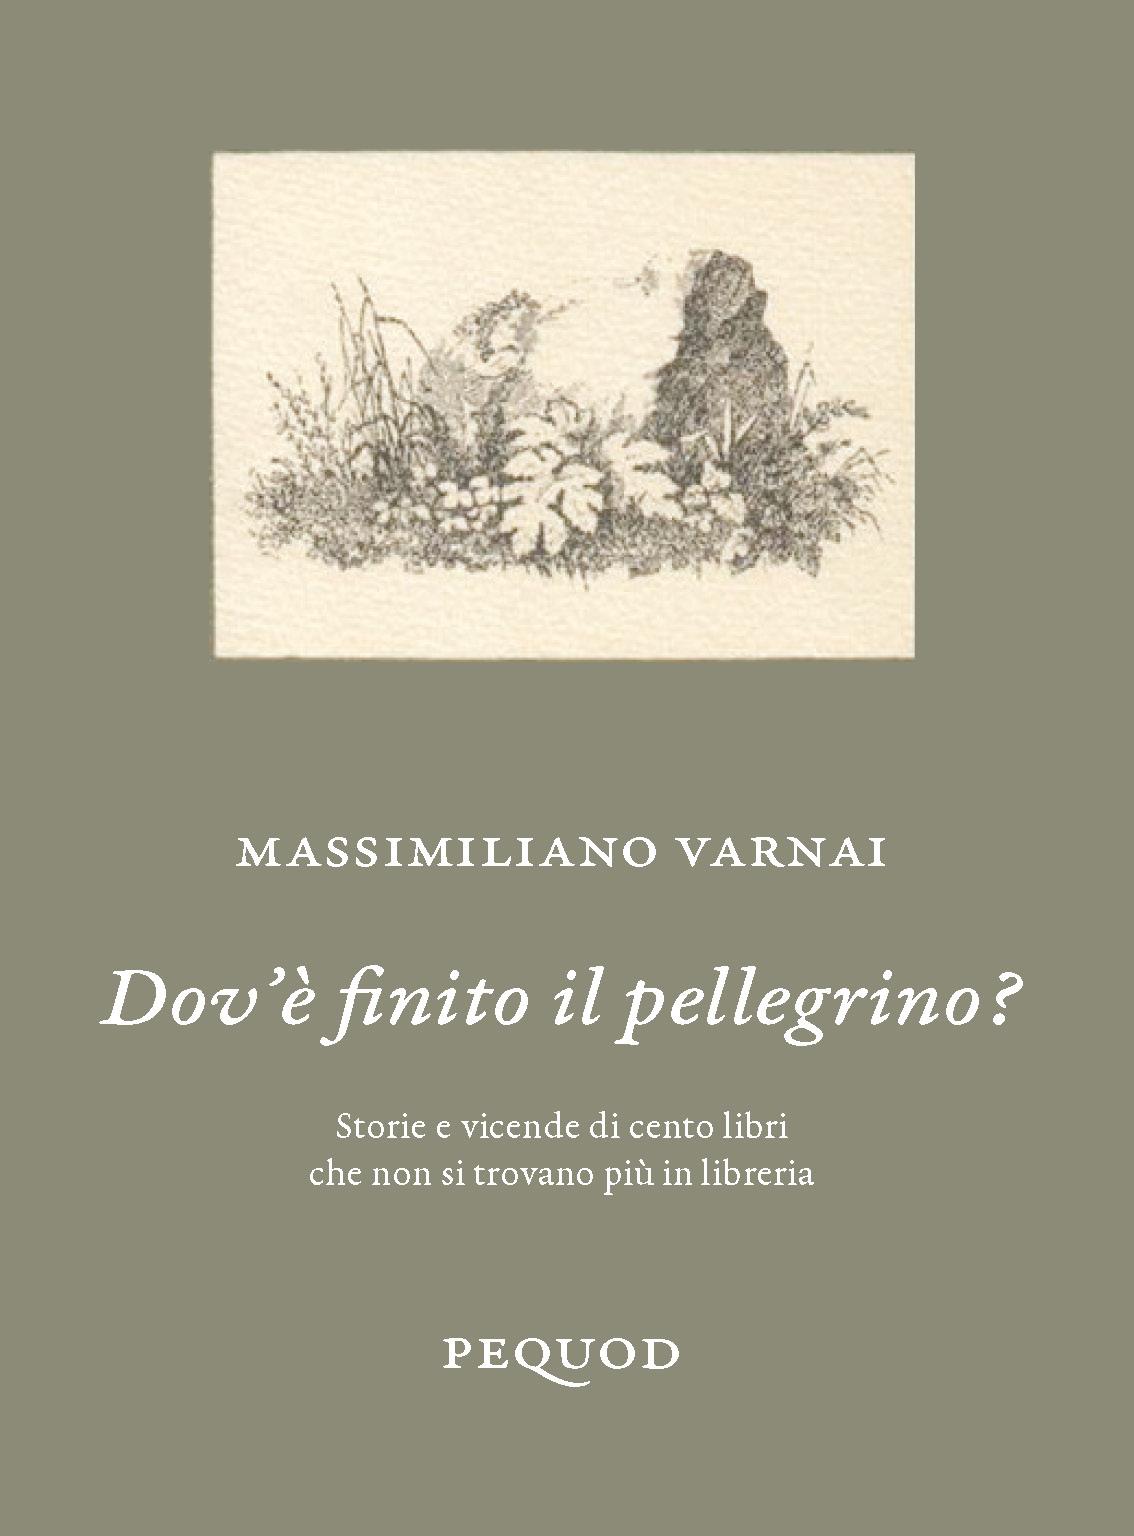 """Presentazione libro """"Dov'è finito il pellegrino?"""", Massimiliano Varnai – 14/04/2019"""